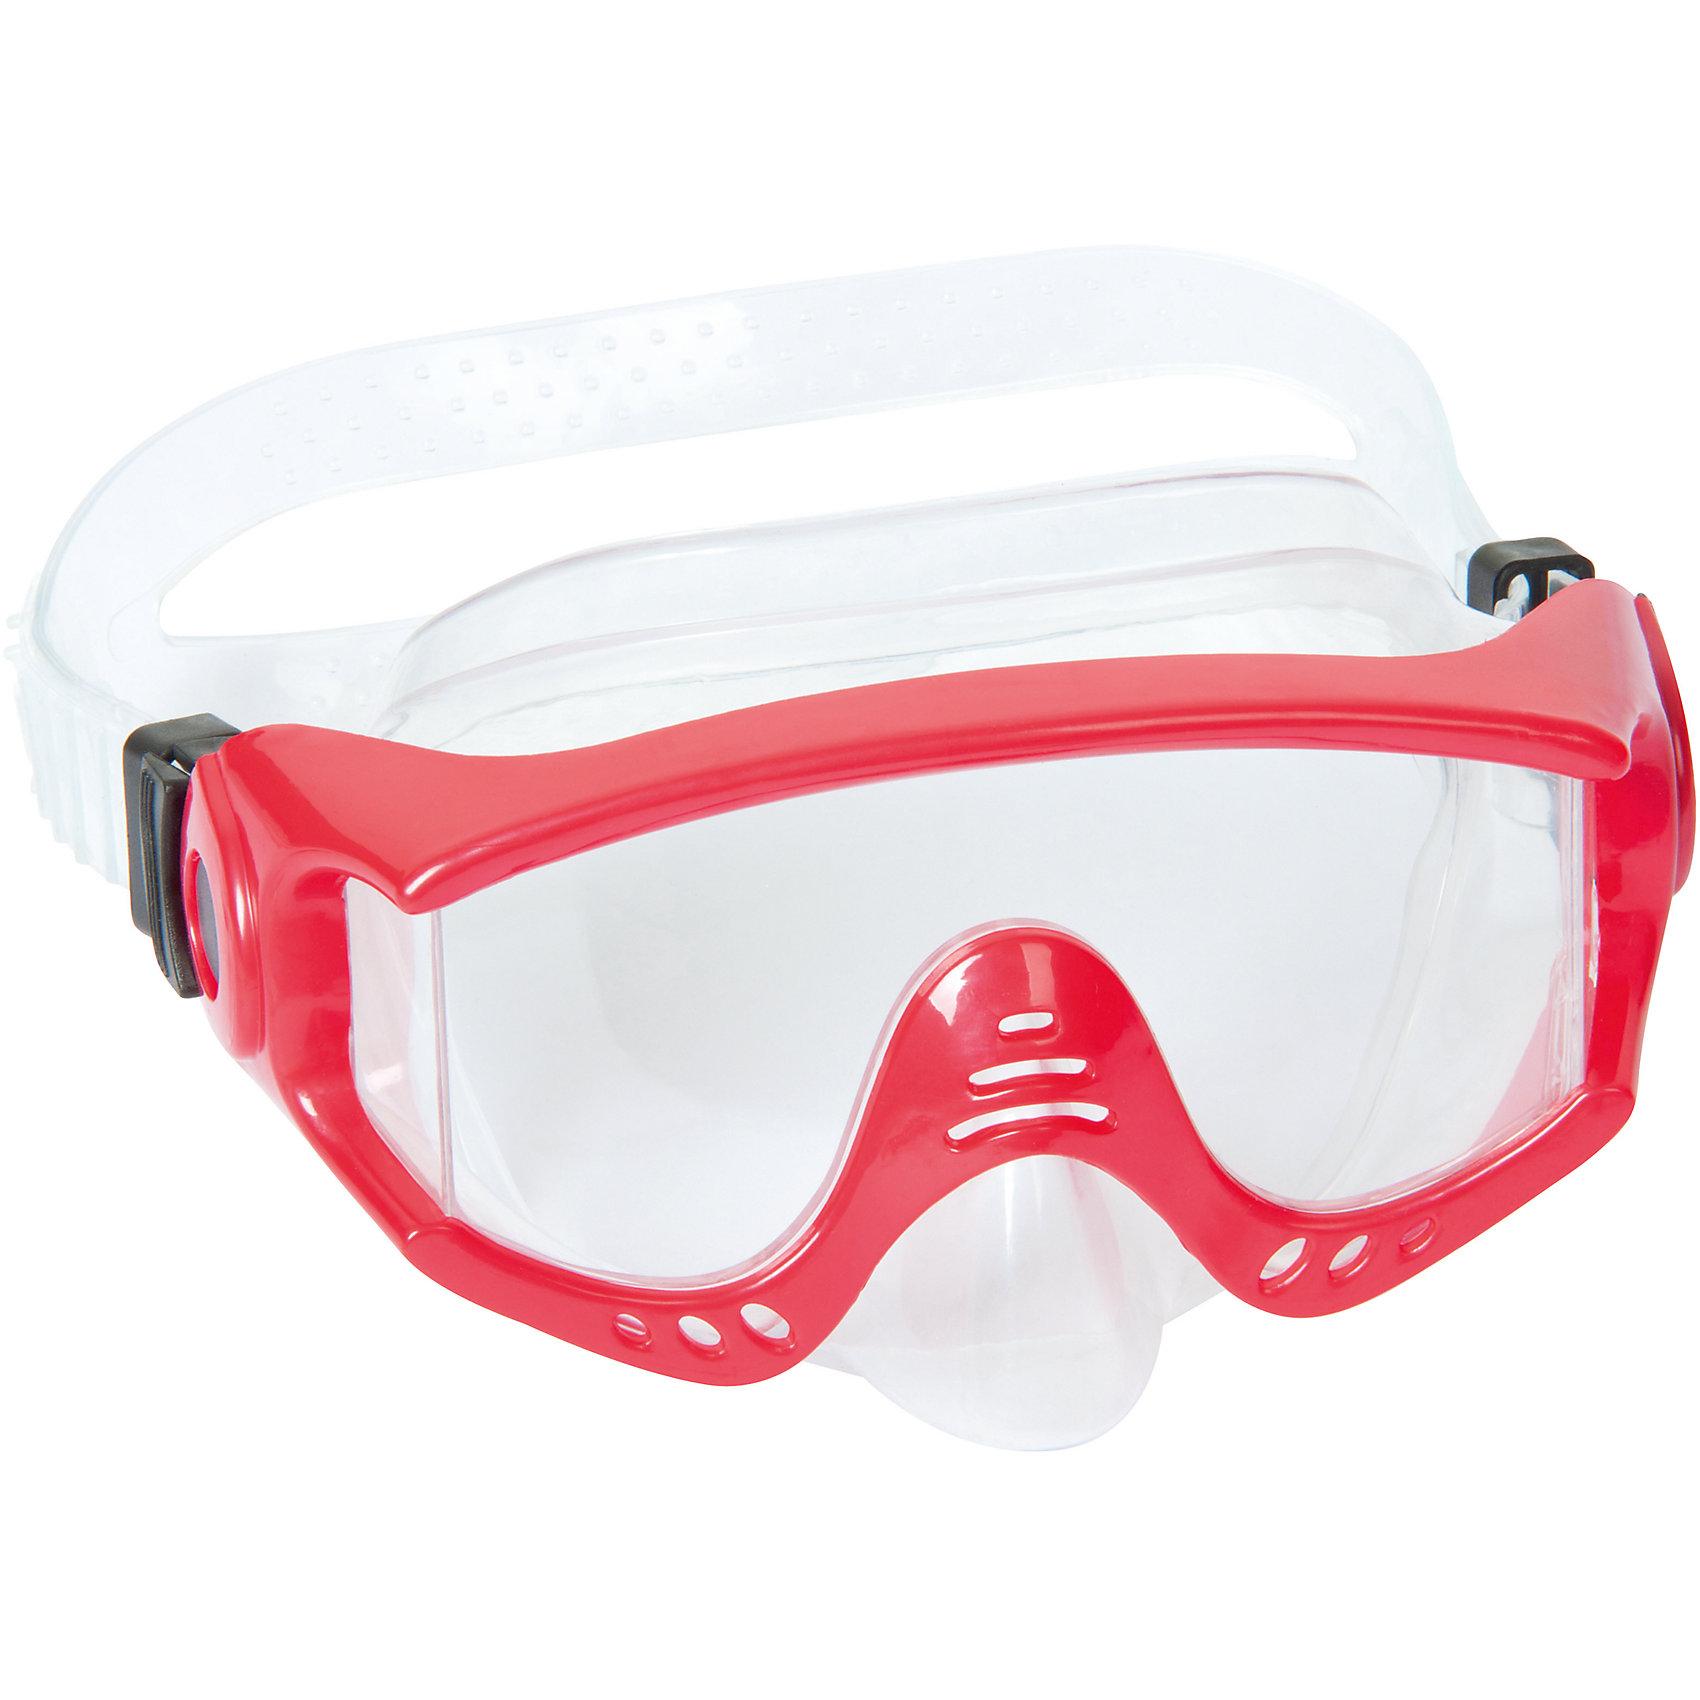 Маска для ныряния Splash Tech для взрослых, Bestway, красныйОчки, маски, ласты, шапочки<br>Маска для ныряния Splash Tech, Bestway - отличный вариант для активного отдыха и увлекательных исследований подводного мира. Маска оснащена линзами из поликарбоната с широким обзором. Благодаря уплотнителю с двойной кромкой плотно прилегает к лицу и не допускает протекания воды. Маска надёжно фиксируется регулируемым ремешком. Соответствует требованиям безопасности и стандартам качества продукции. Маску для ныряния Splash Tech для взрослых, Bestway, можно купить в нашем интернет-магазине.<br><br> В товар входит: <br>- маска для ныряния<br><br>Дополнительная информация: <br> - Материал: поликарбонат<br> - Размер упаковки: 22 х 18 х 9 см<br> - Вес: 168 гр.  <br> - Возраст: для взрослых и детей от 14 лет<br> - Цвет: красный<br> - Бренд: Bestway<br><br>Ширина мм: 235<br>Глубина мм: 185<br>Высота мм: 870<br>Вес г: 168<br>Возраст от месяцев: 168<br>Возраст до месяцев: 1188<br>Пол: Женский<br>Возраст: Детский<br>SKU: 4828549